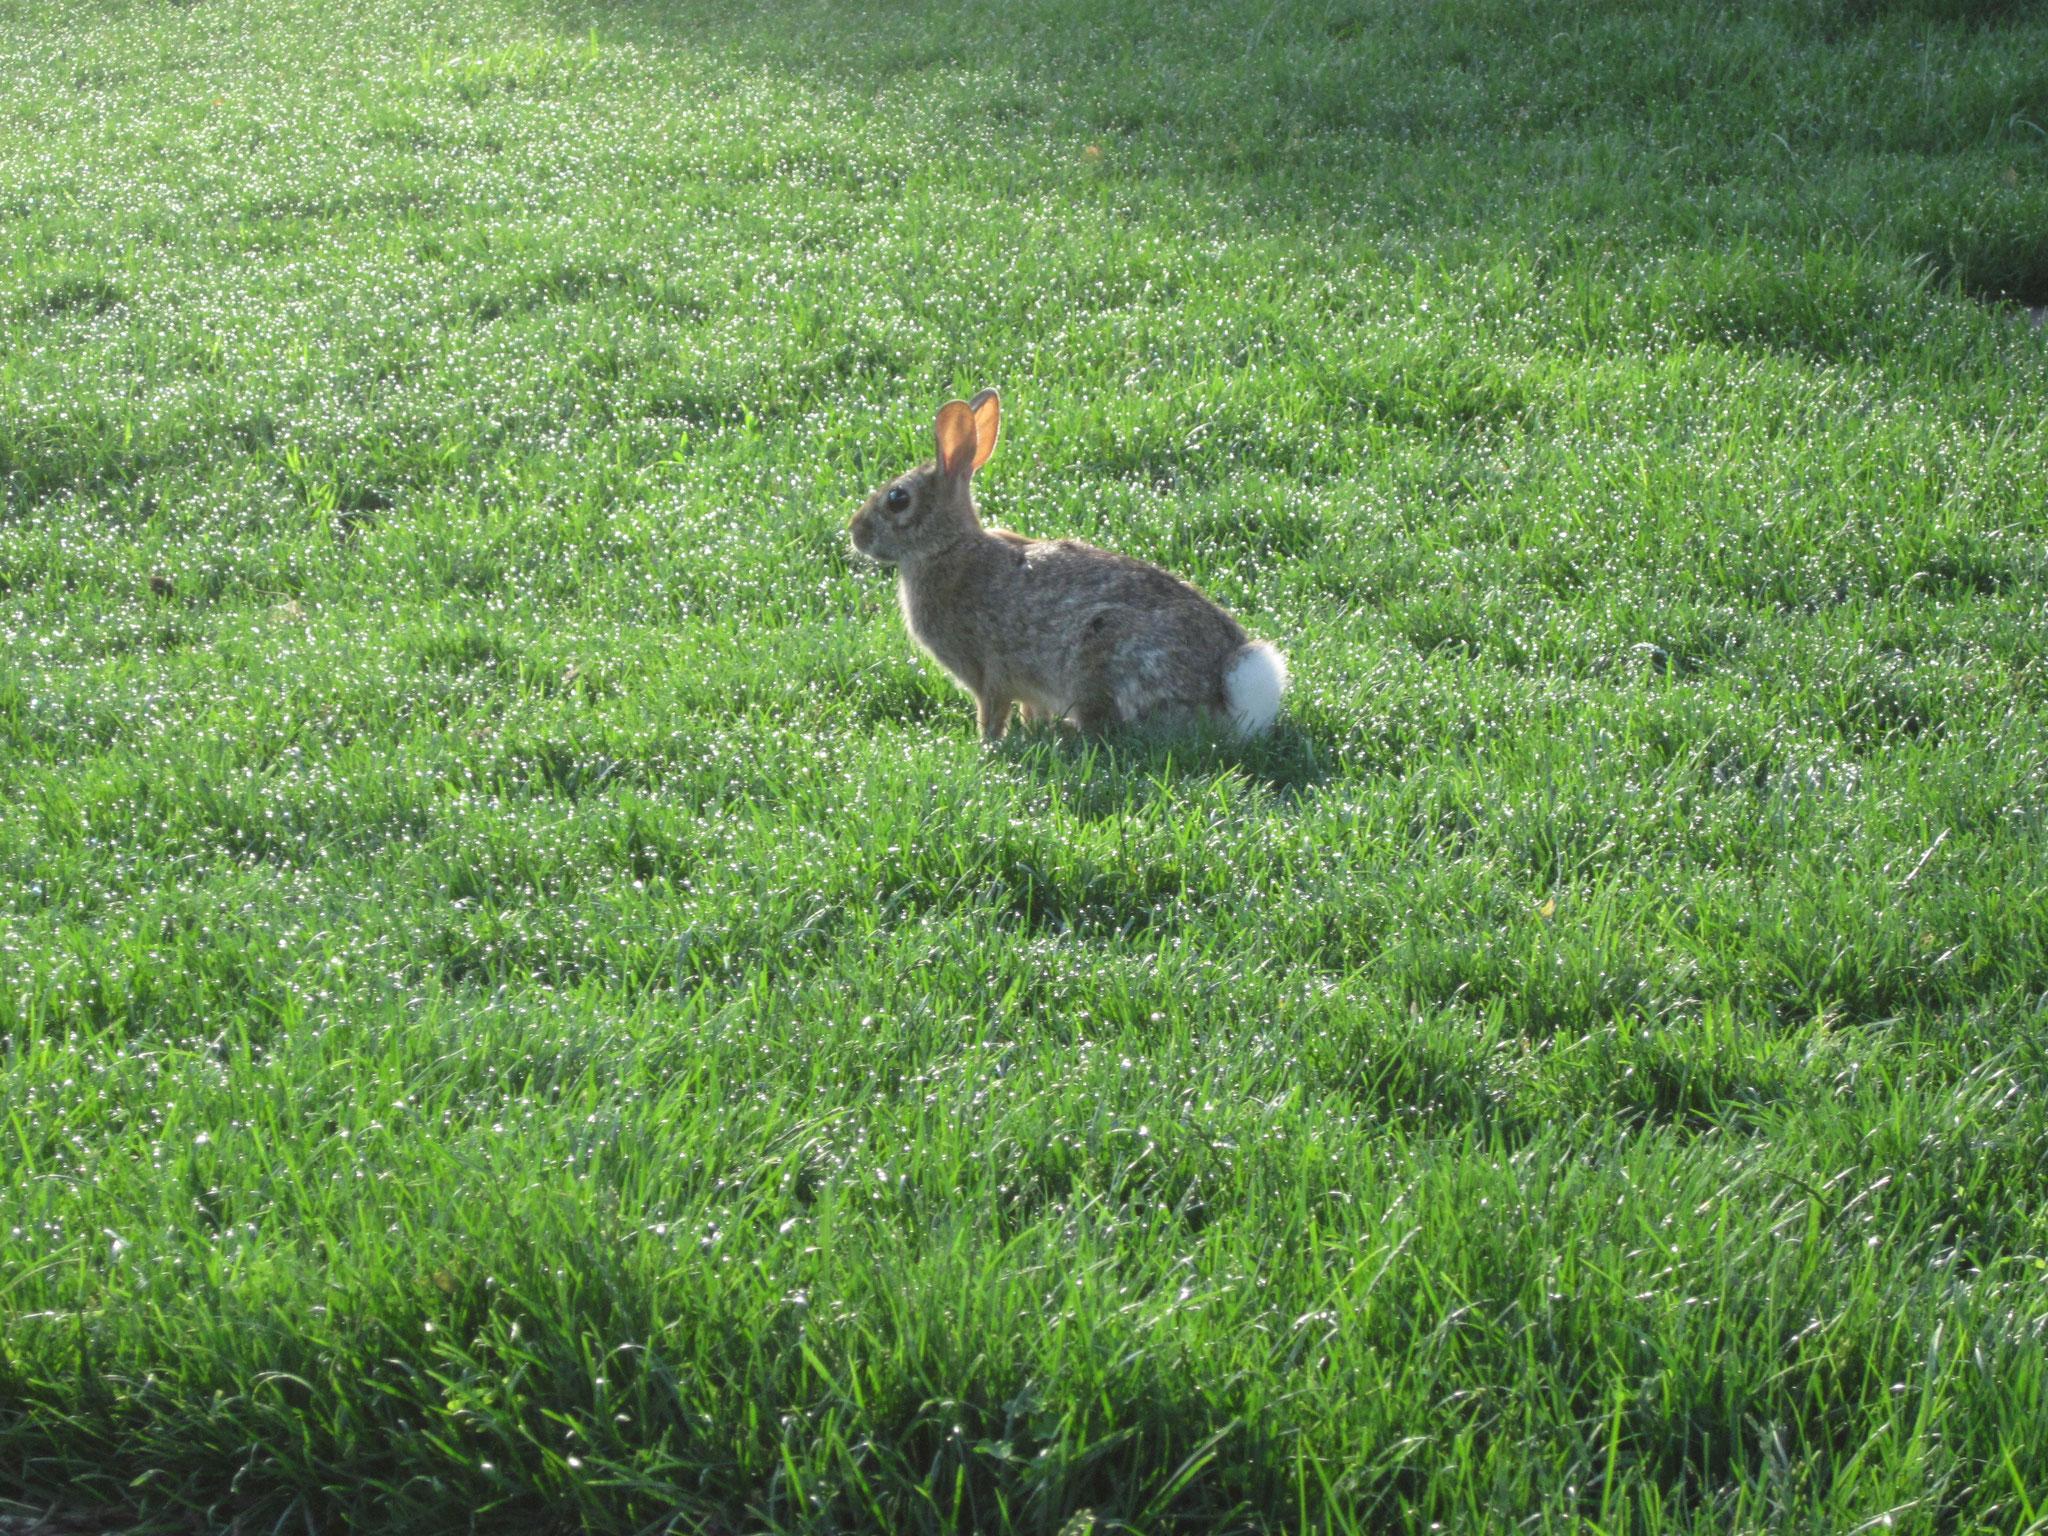 構内を走る回るウサギ